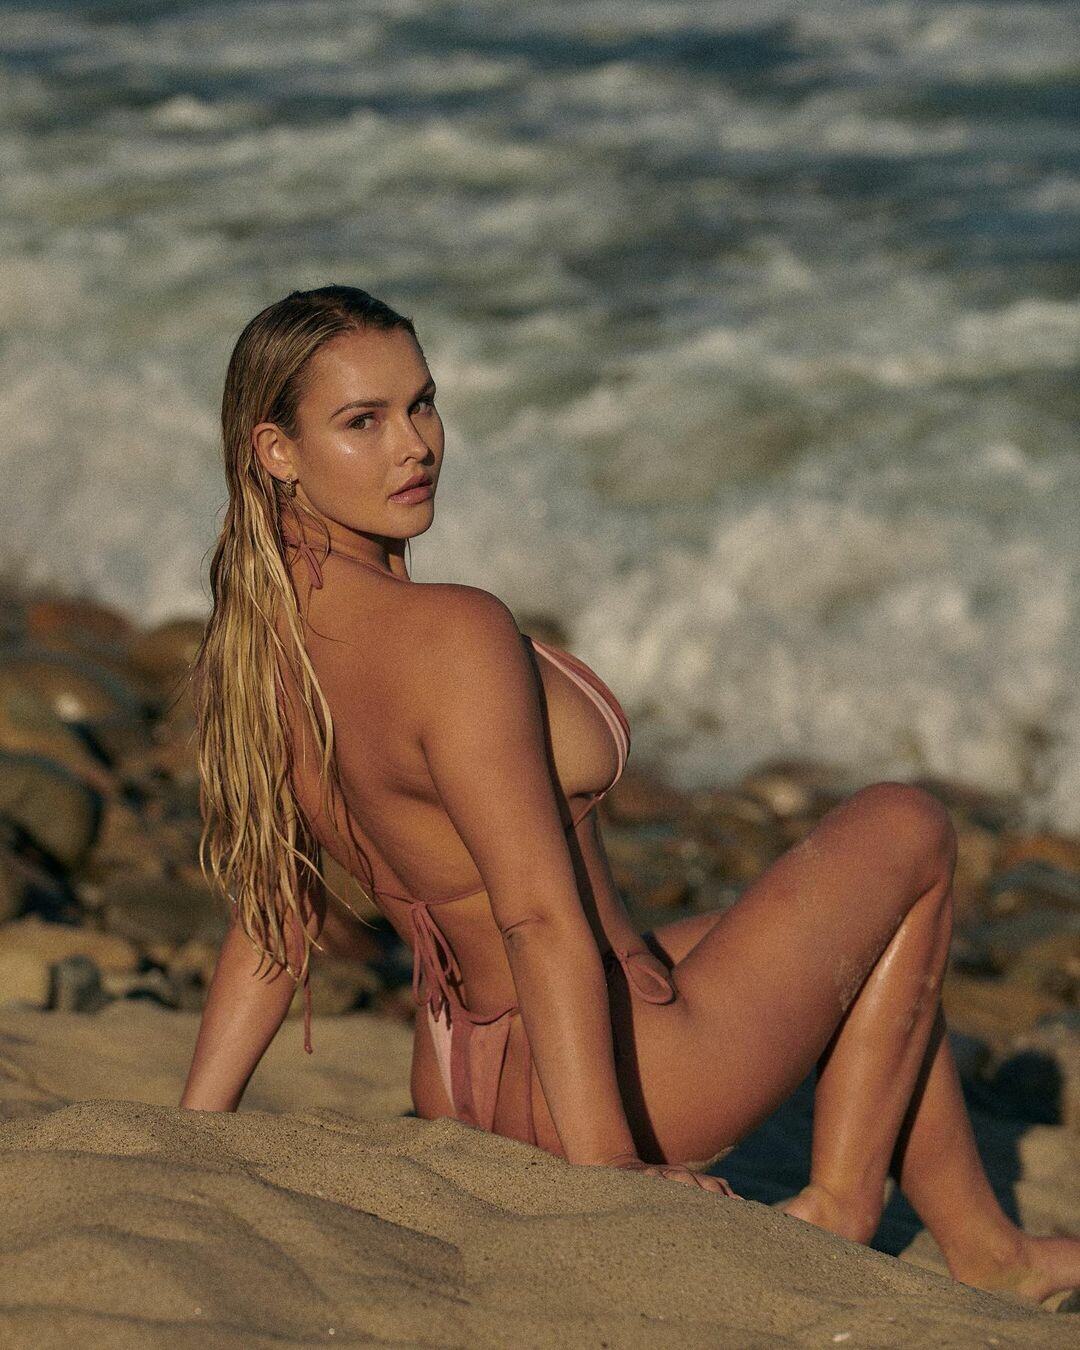 Мега-грудь выпадает из бикини: блондинка с финала ЛЧ нарядилась так, что все видно